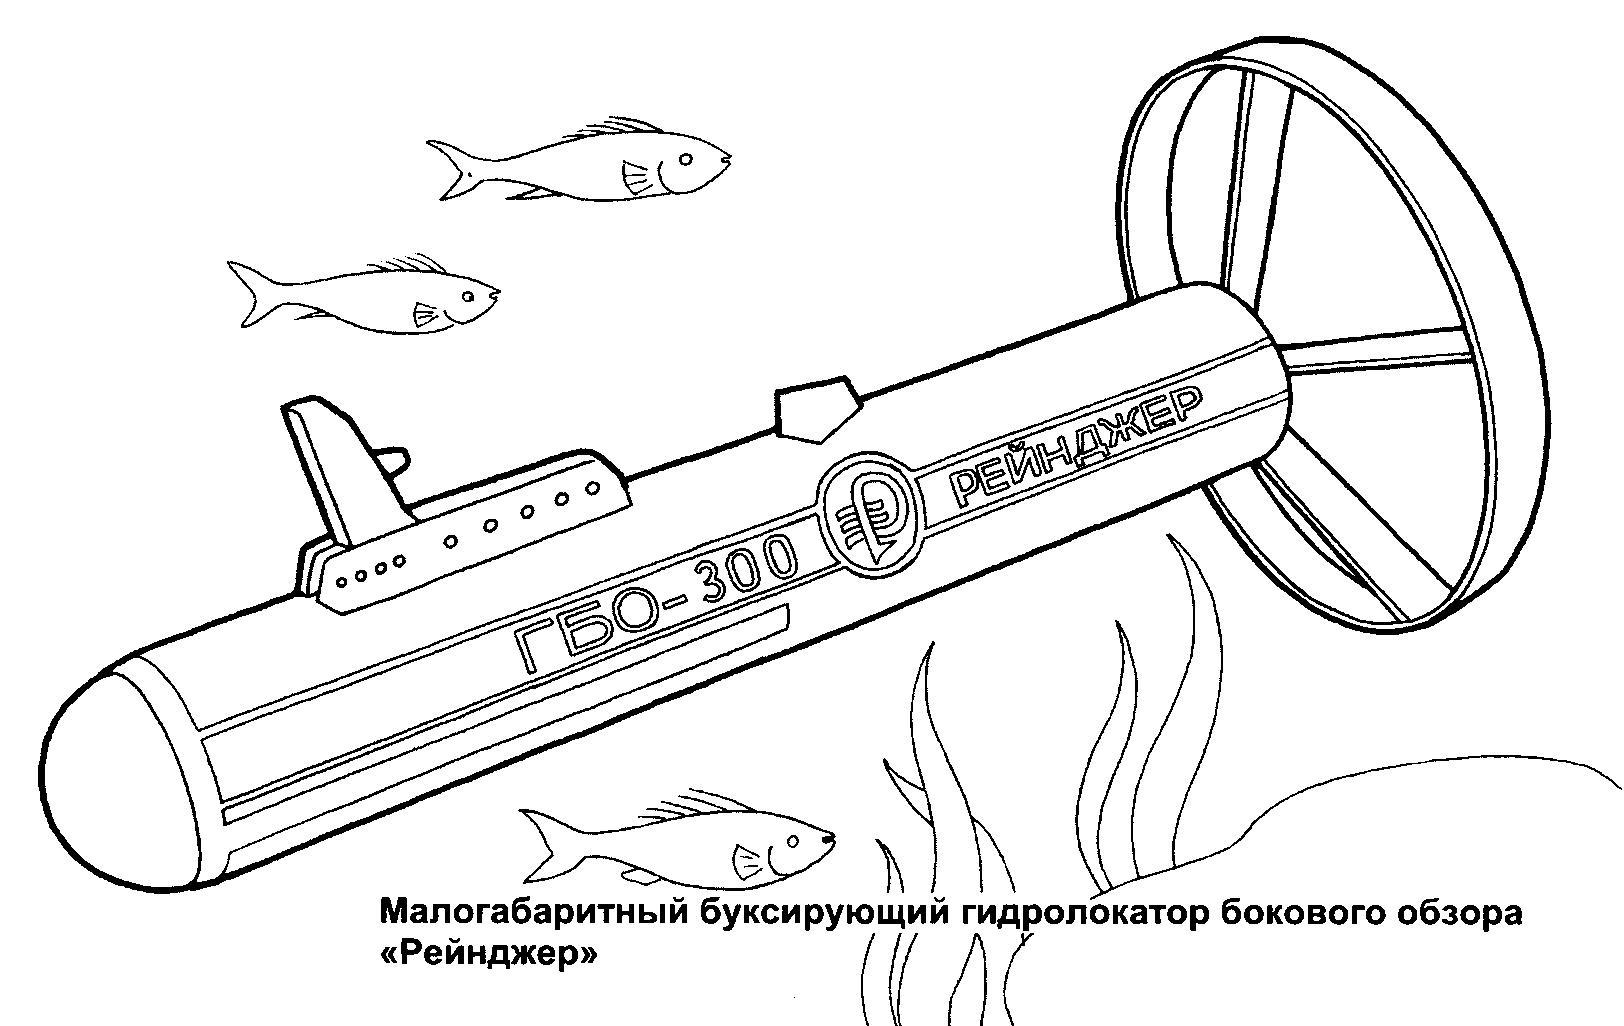 Корабль Раскраски корабли, подводные лодки, гидролокатор Раскраски распечатать